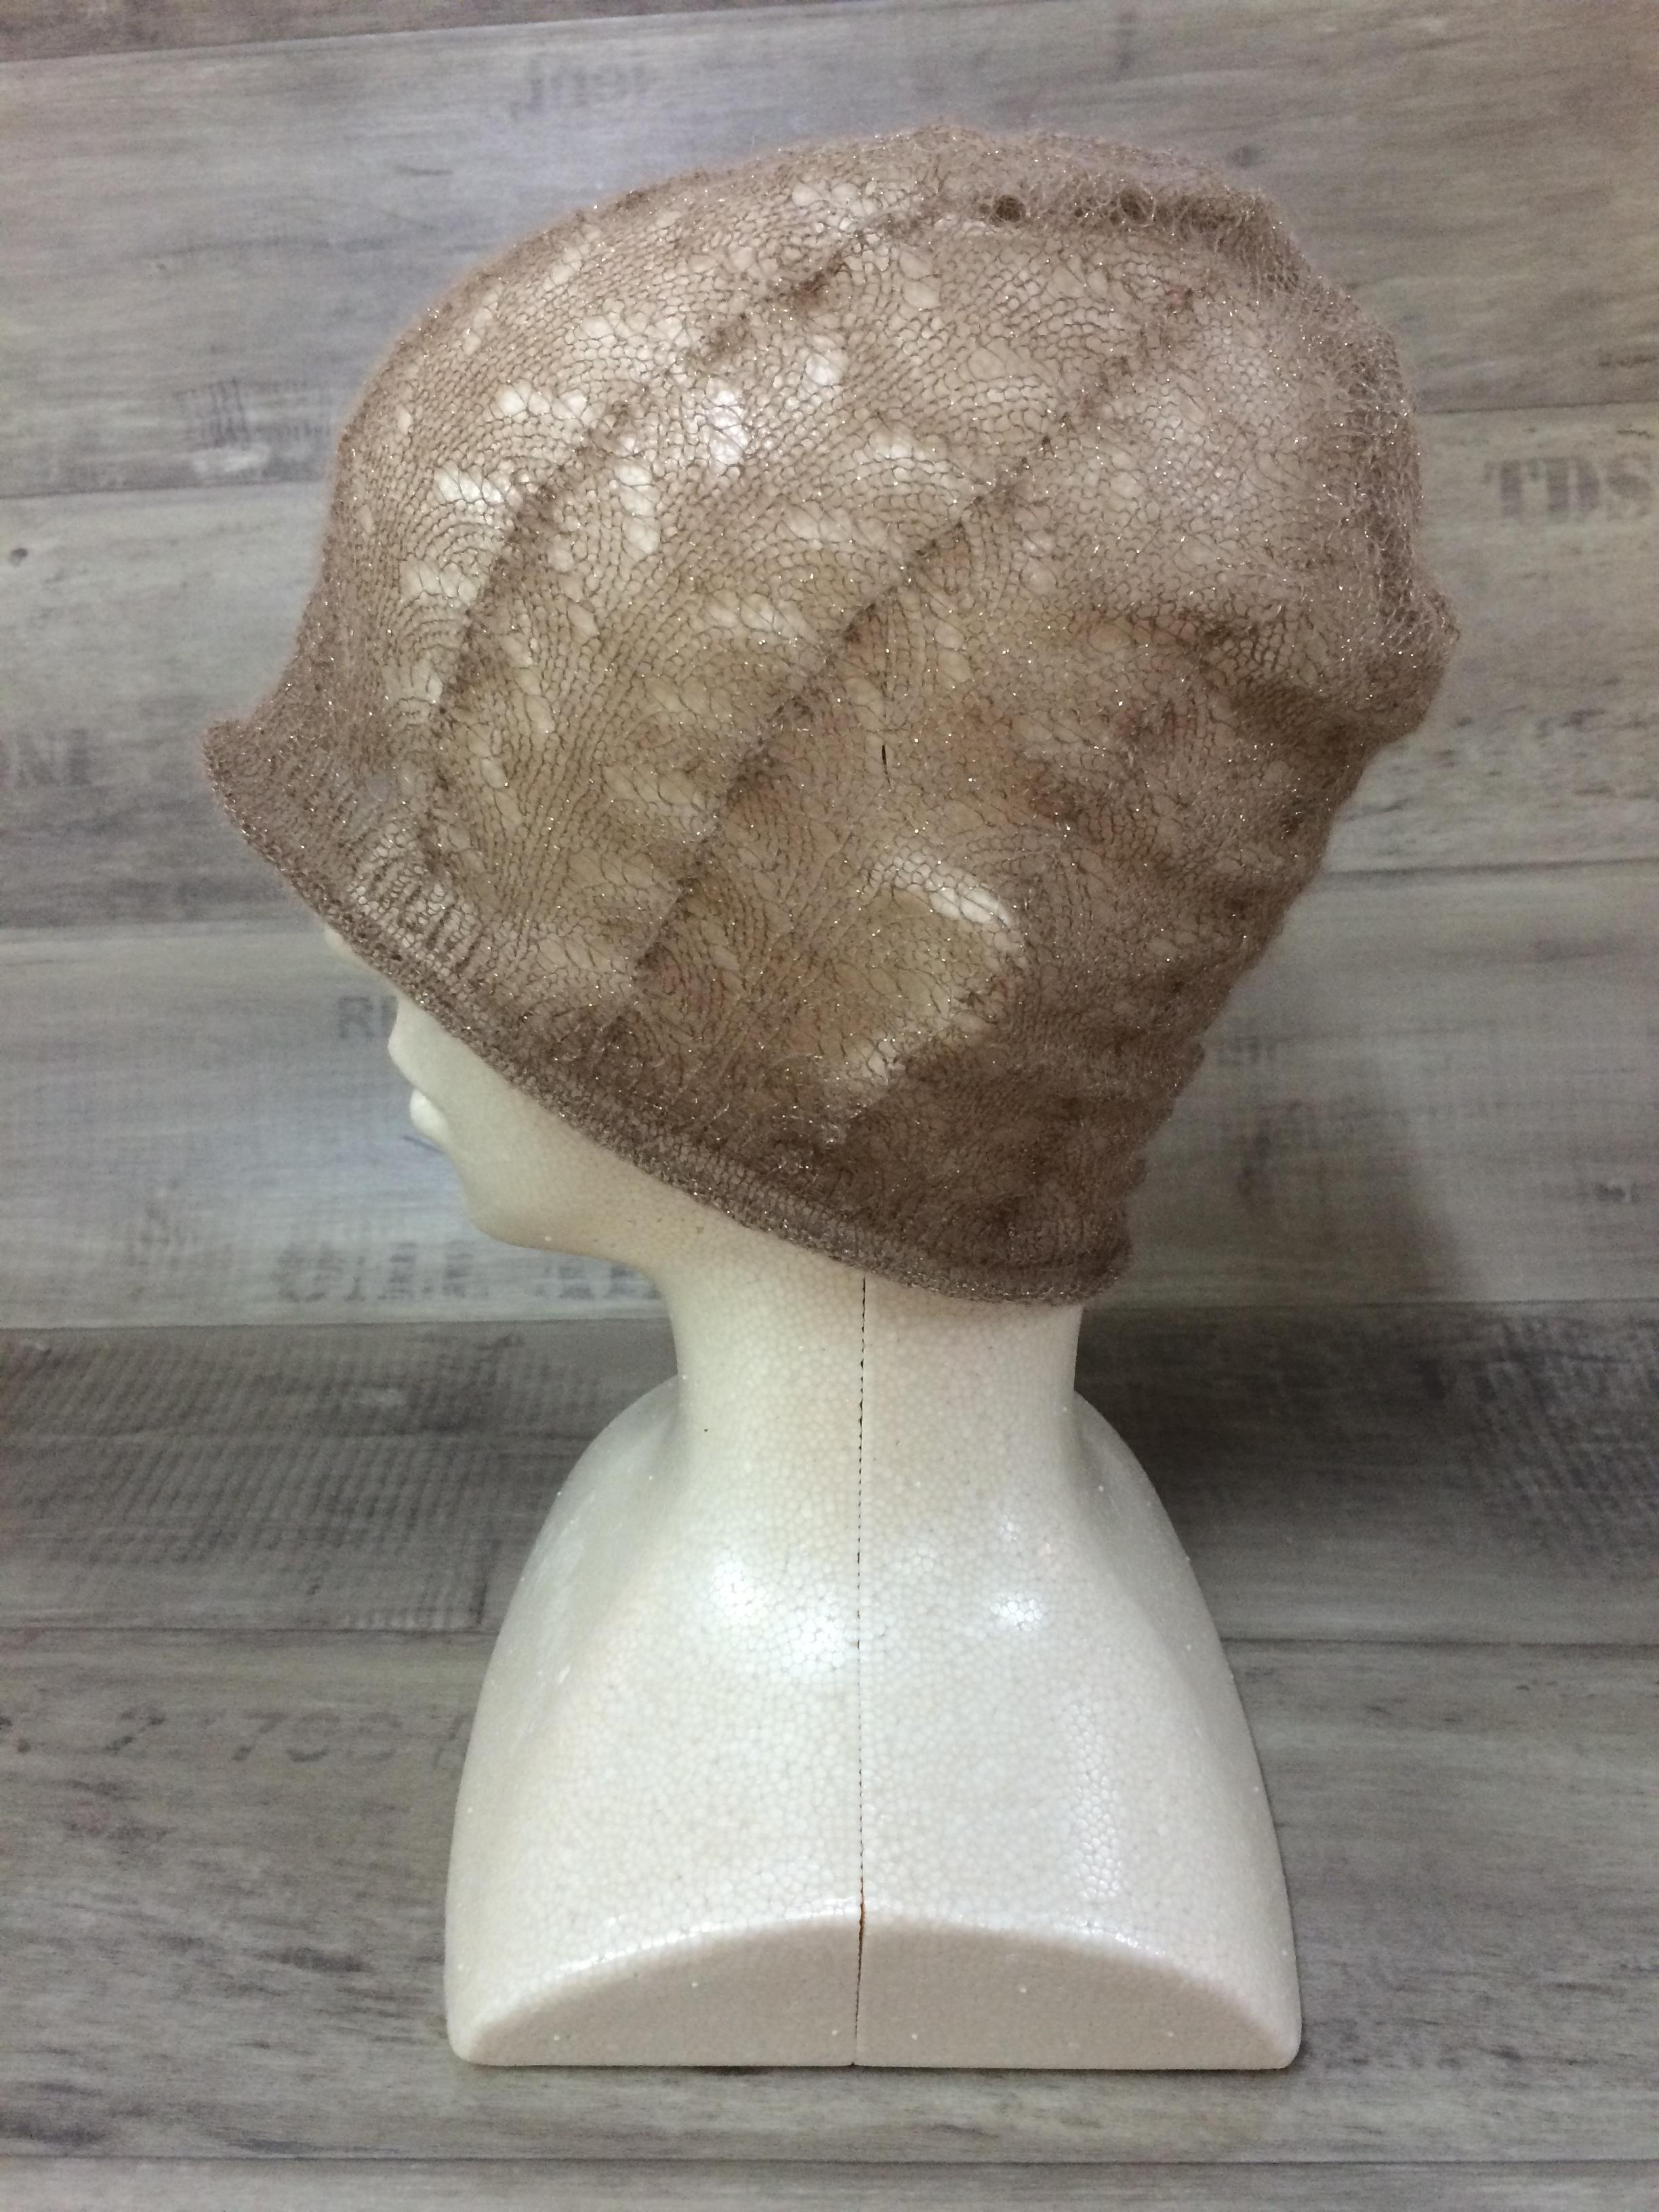 【送料無料】こころが軽くなるニット帽子amuamu|新潟の老舗ニットメーカーが考案した抗がん治療中の脱毛ストレスを軽減する機能性と豊富なデザイン NB-6507|MOCHA - 画像4